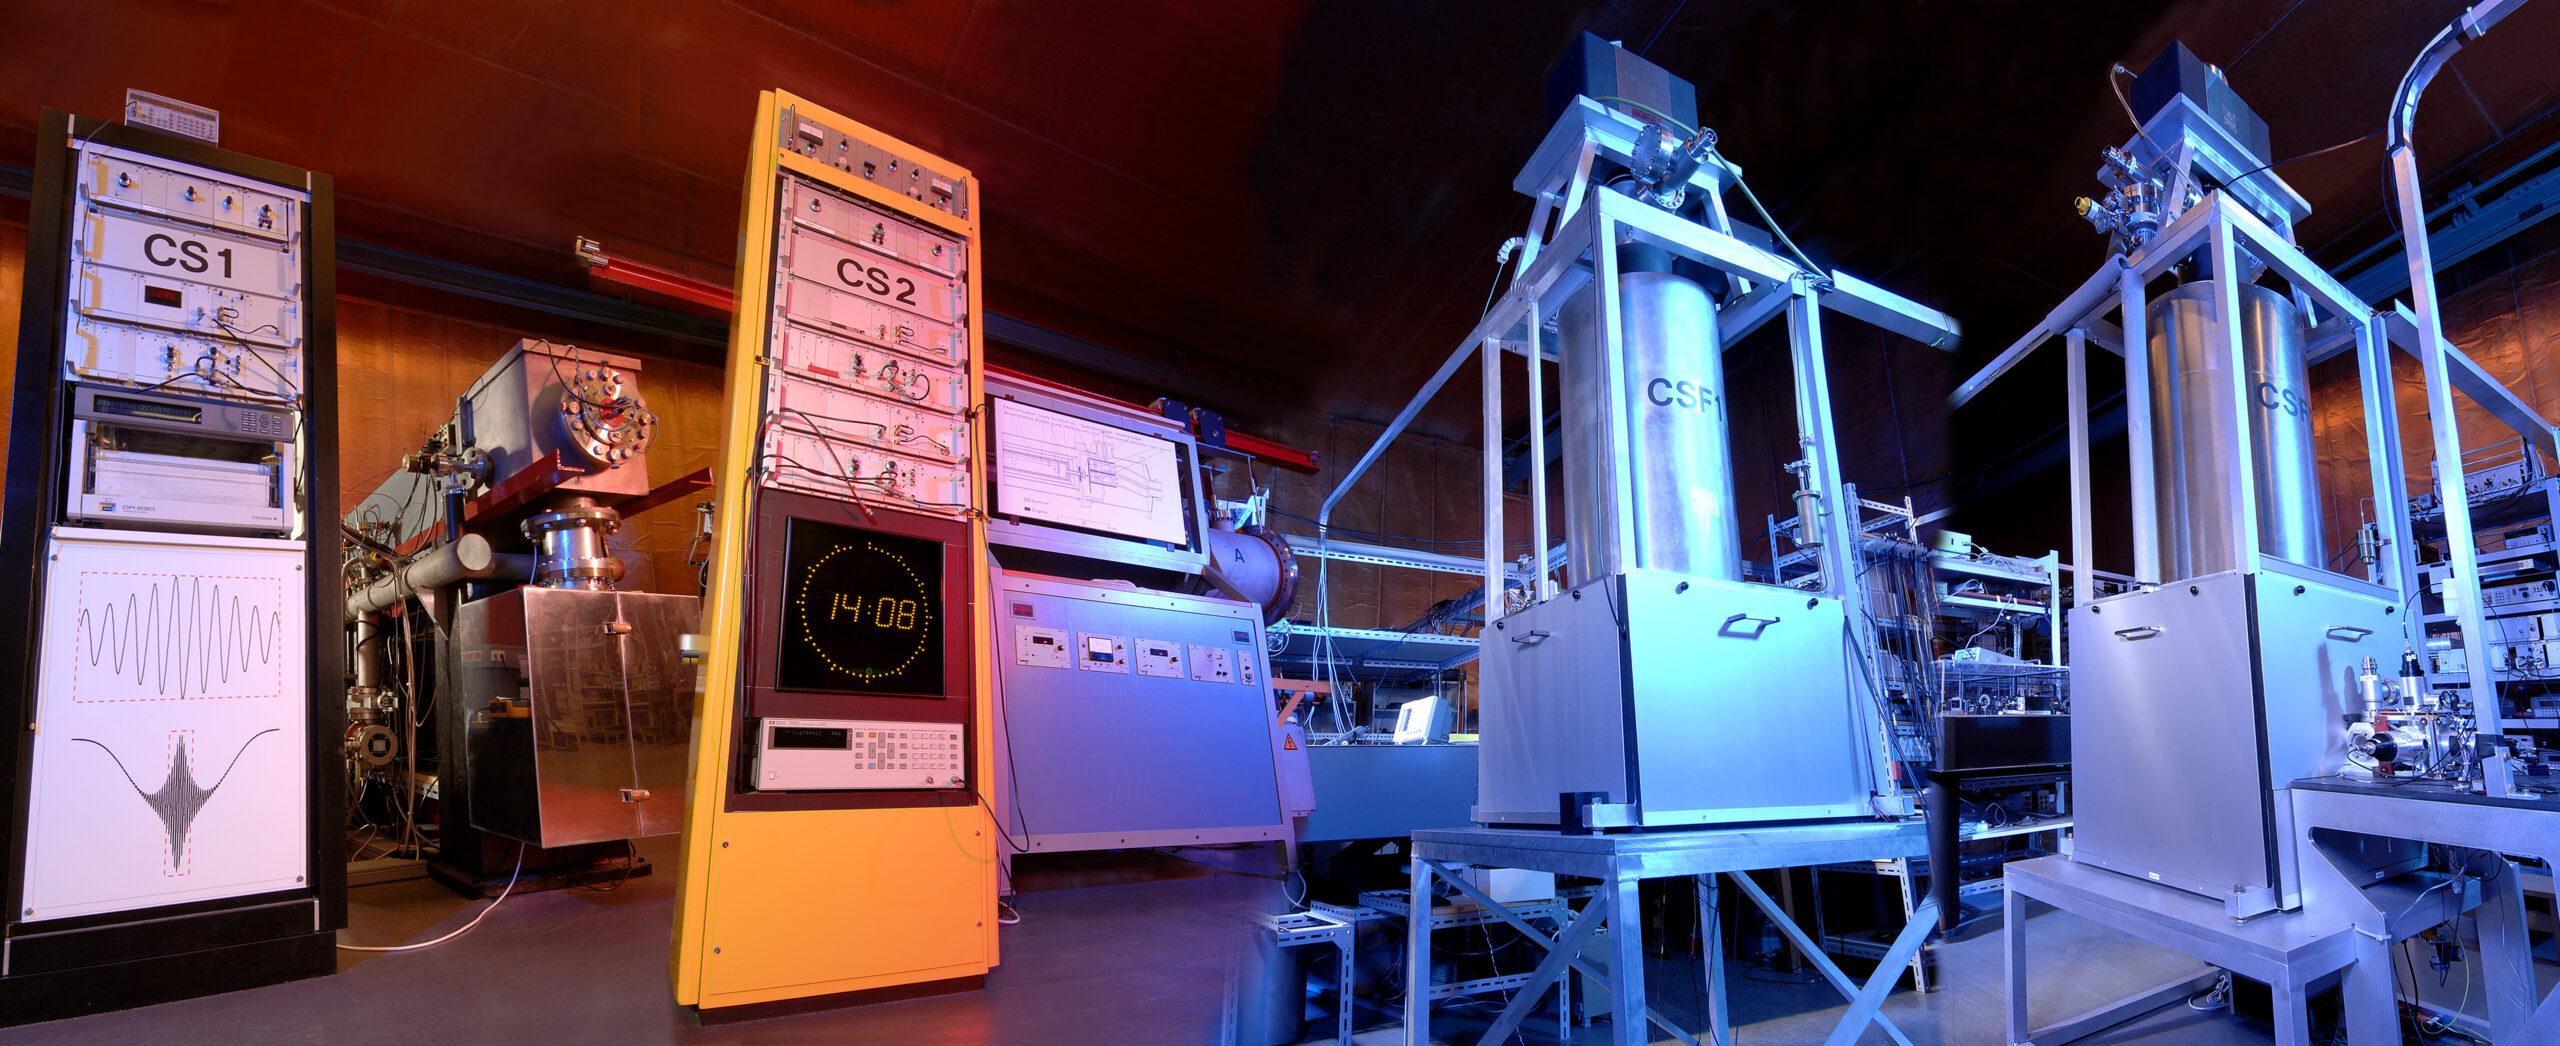 Fotomontage der vier Atomuhren an der PTB. Die Uhren heißen CS1, CS2, CSF1 und CSF2.